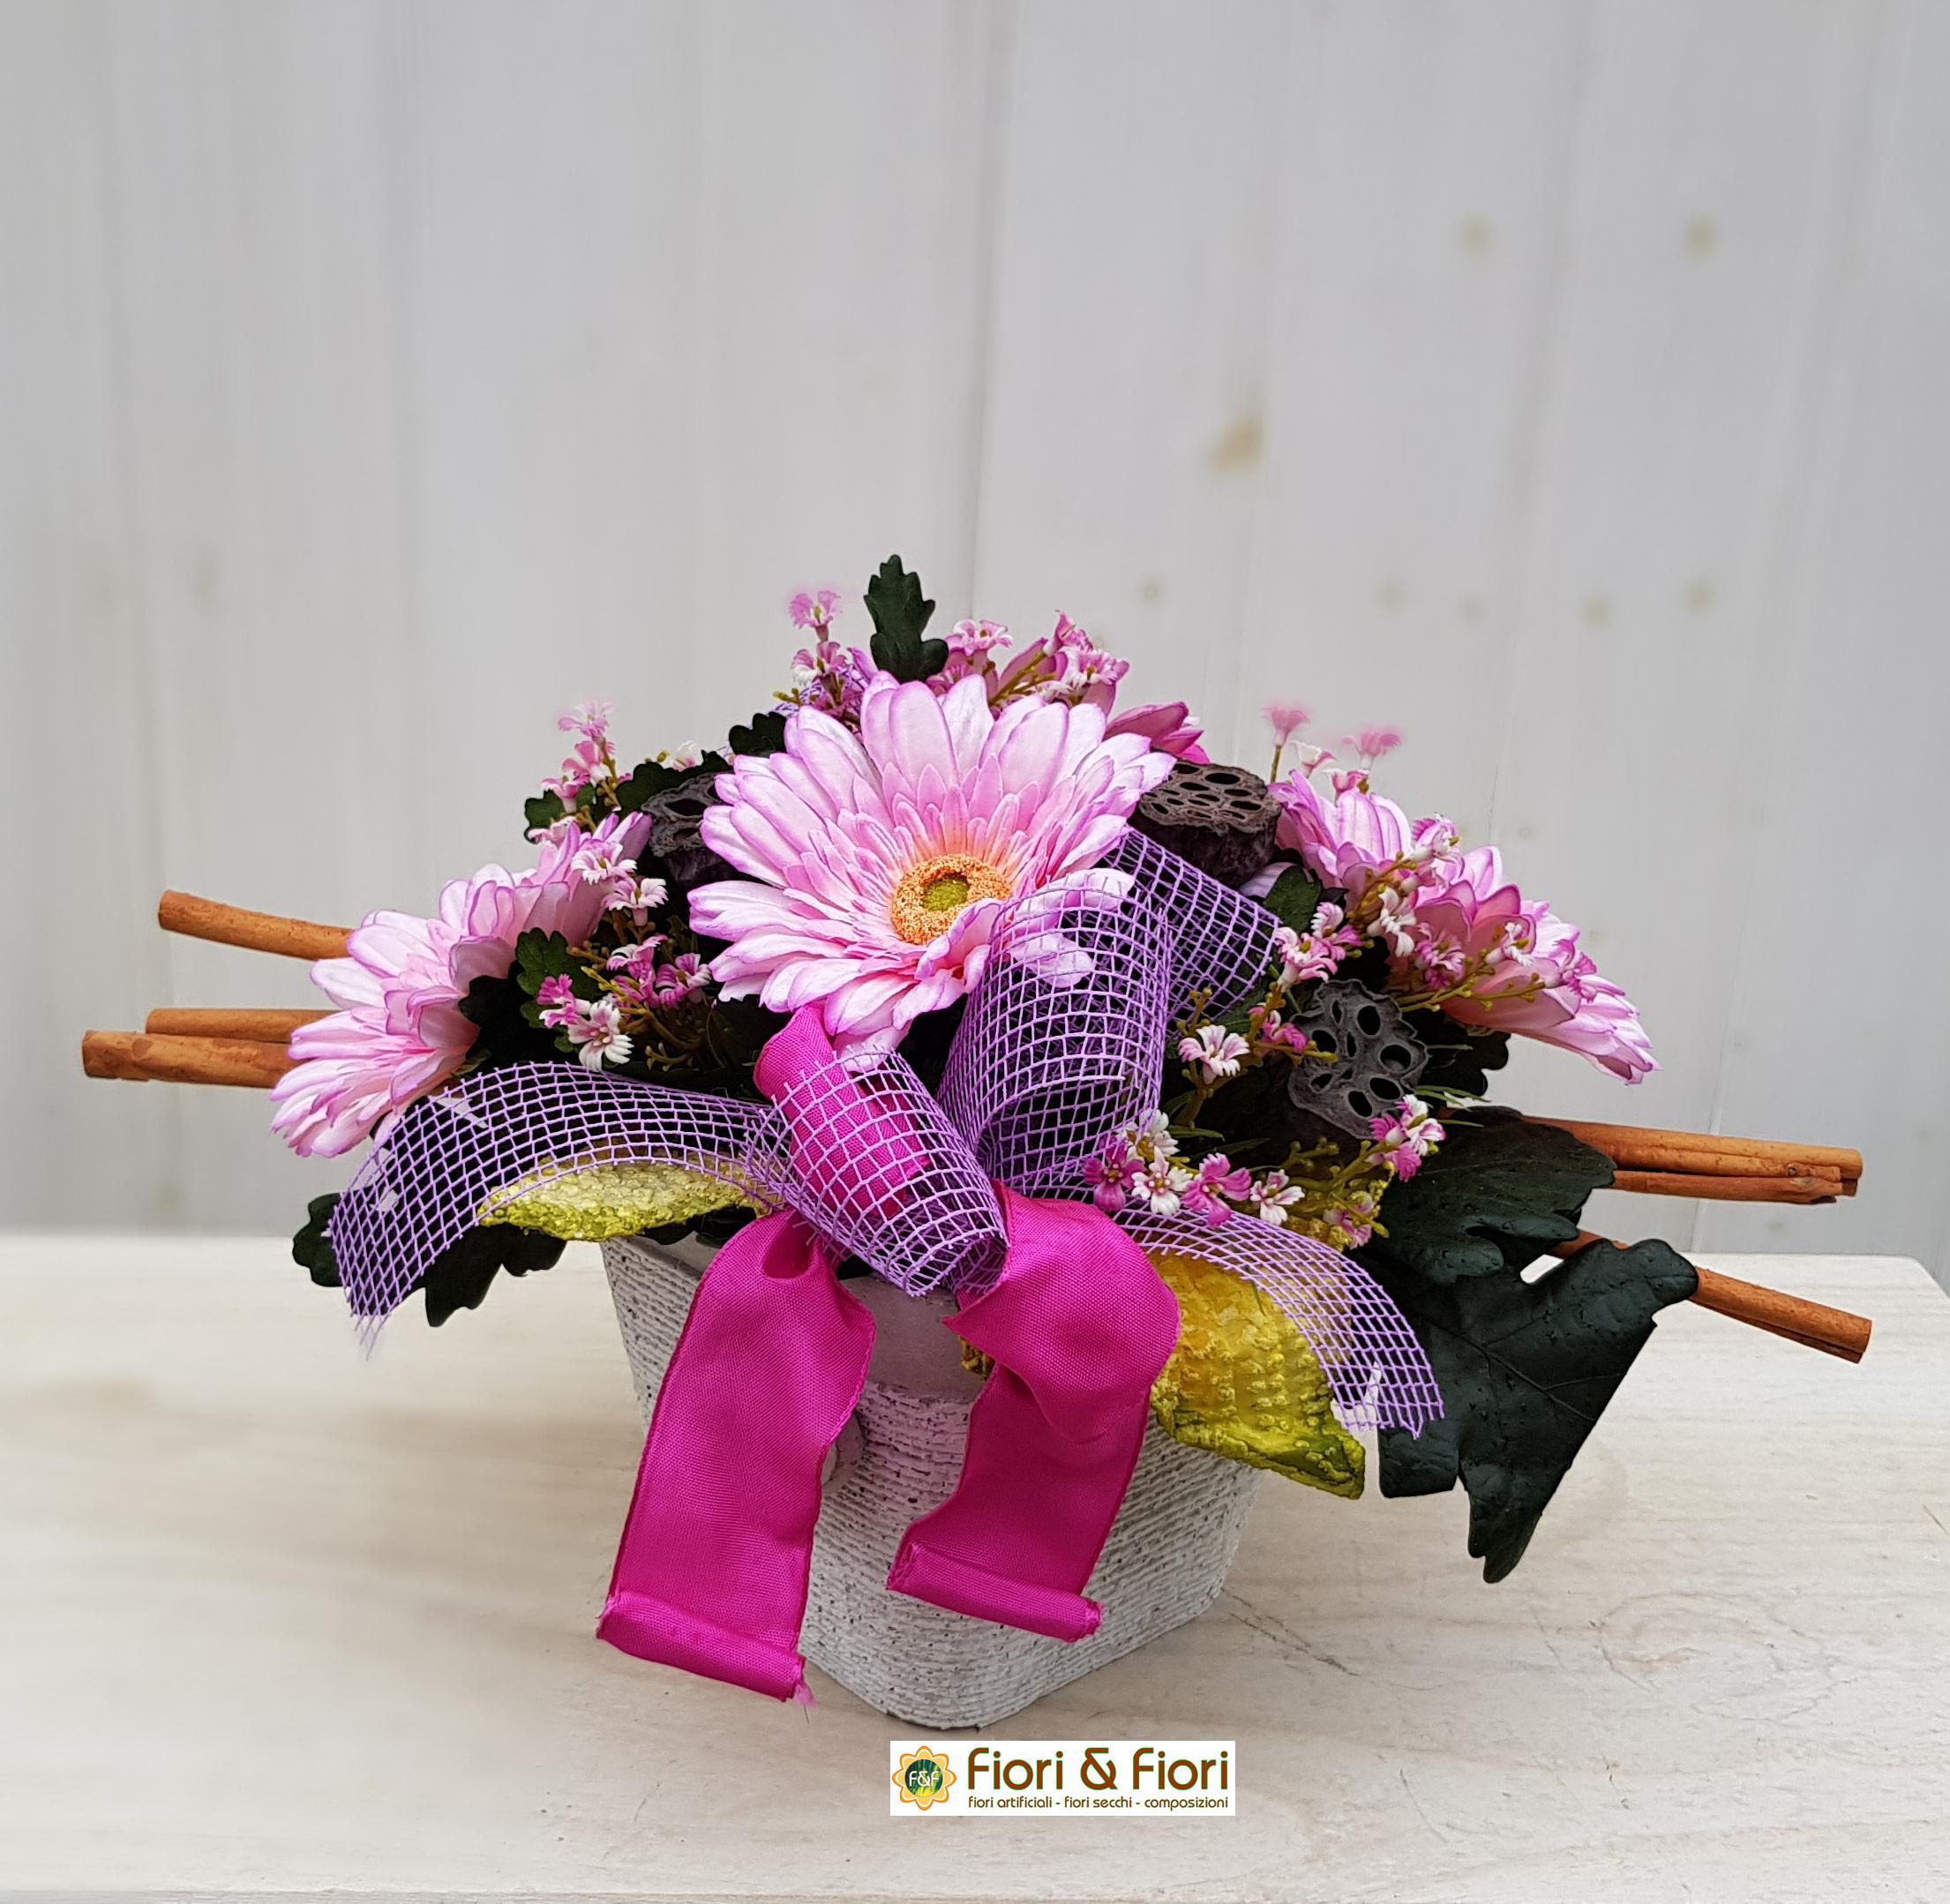 Piante Artificiali : Vendita online fiori finti secchi composizioni